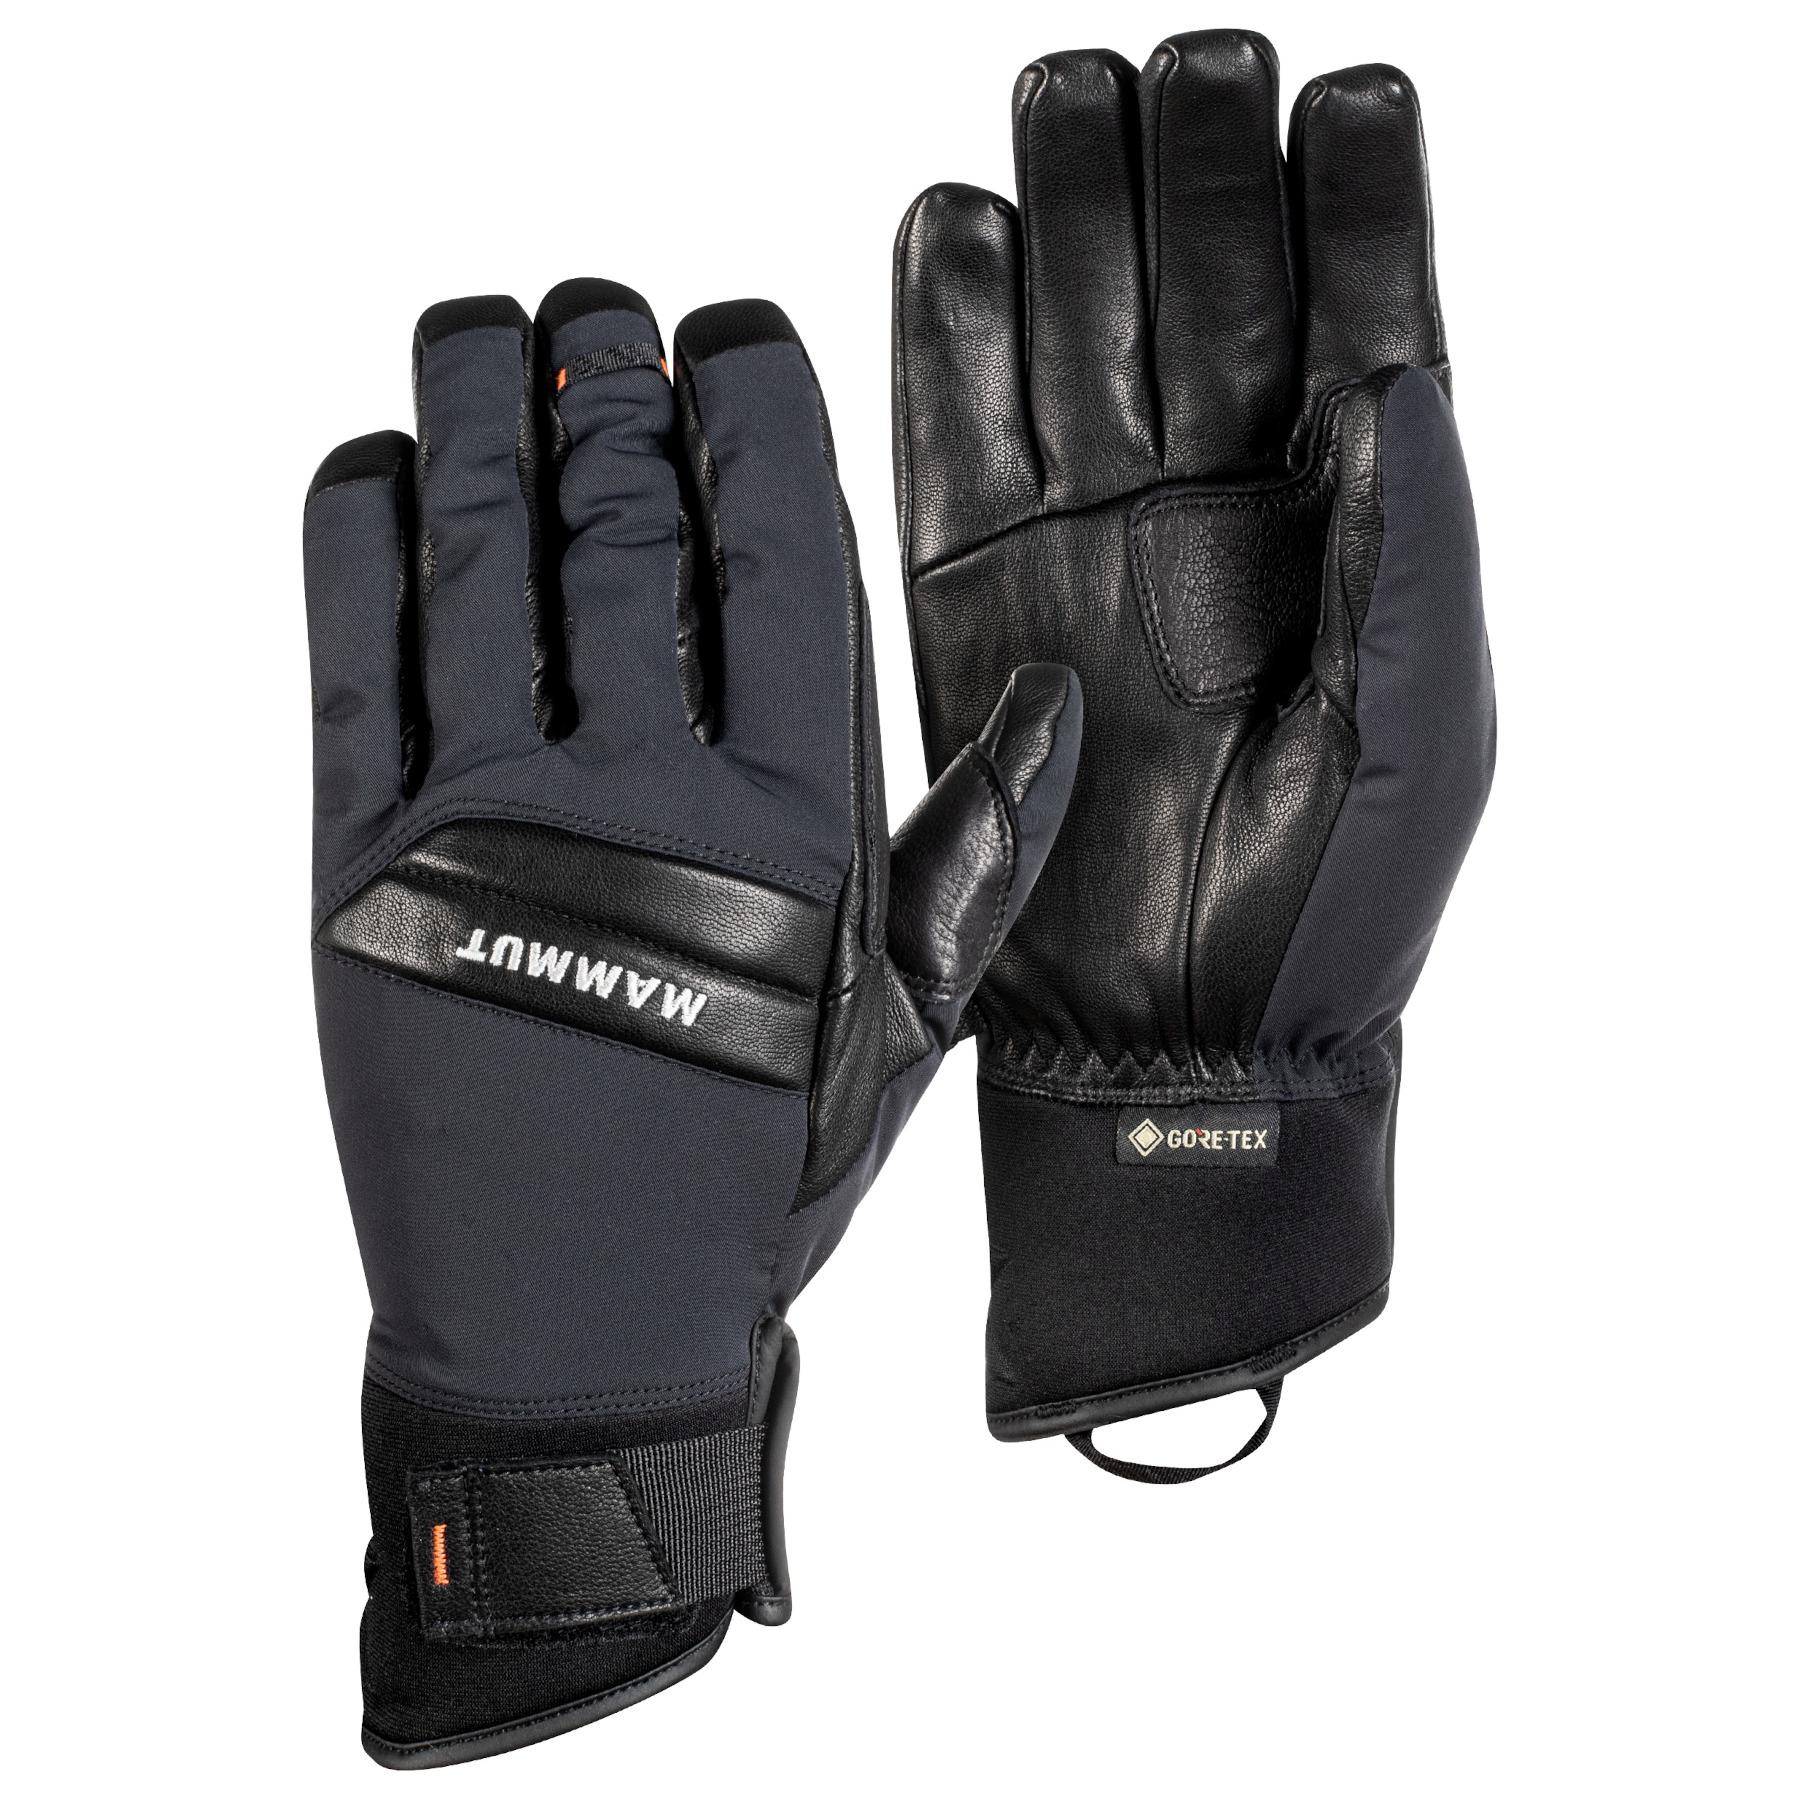 Mammut Nordwand Pro Gloves - black